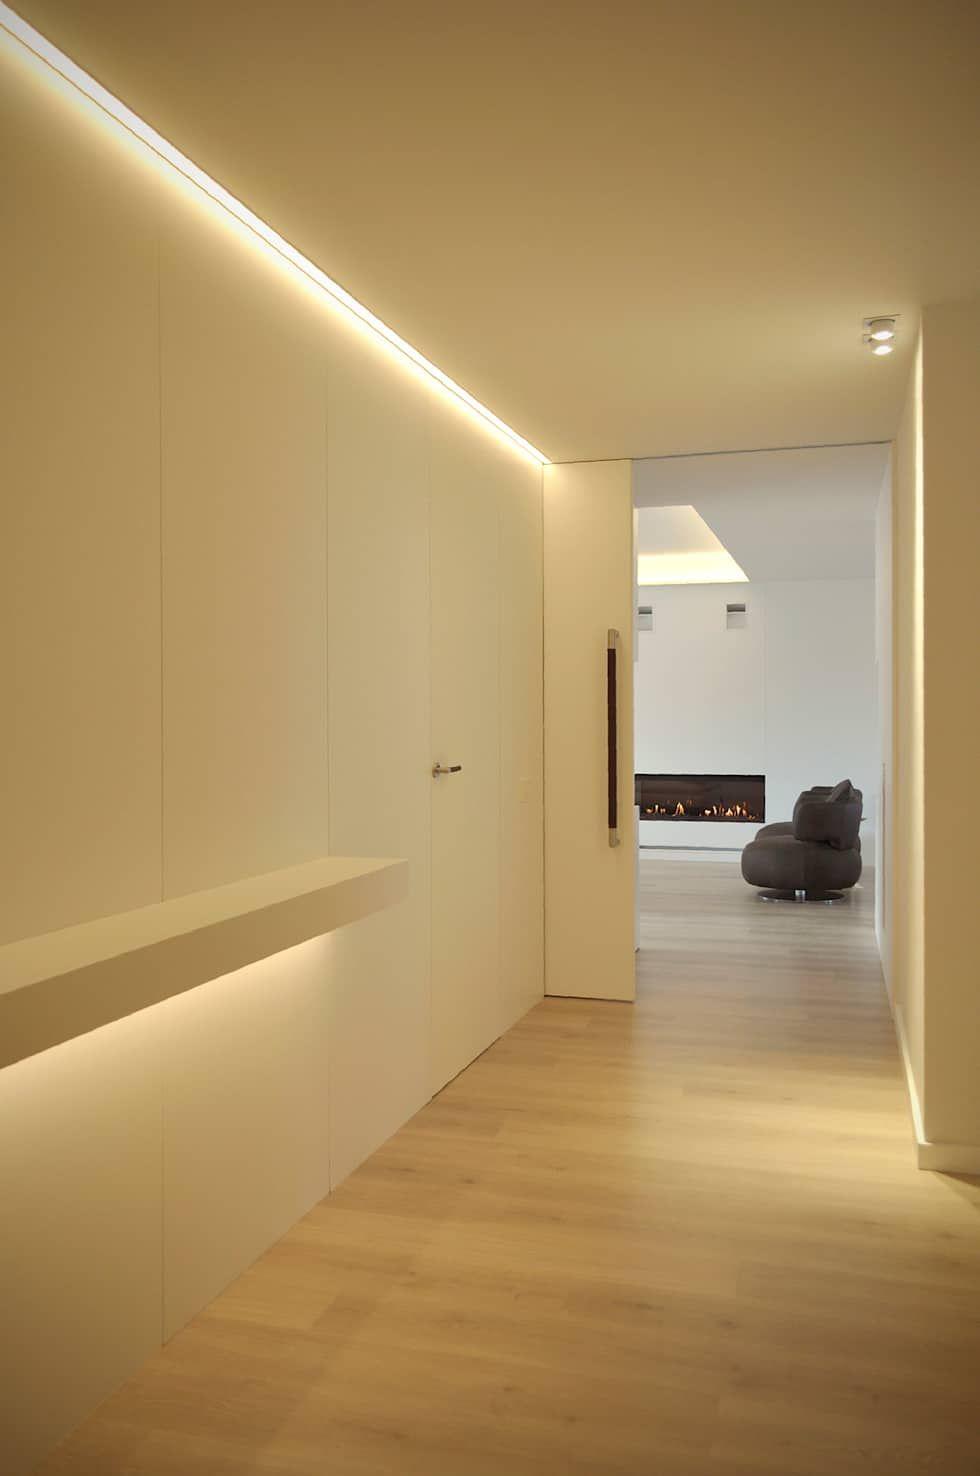 Pasillos, vestíbulos y escaleras de estilo por Rardo - Architects